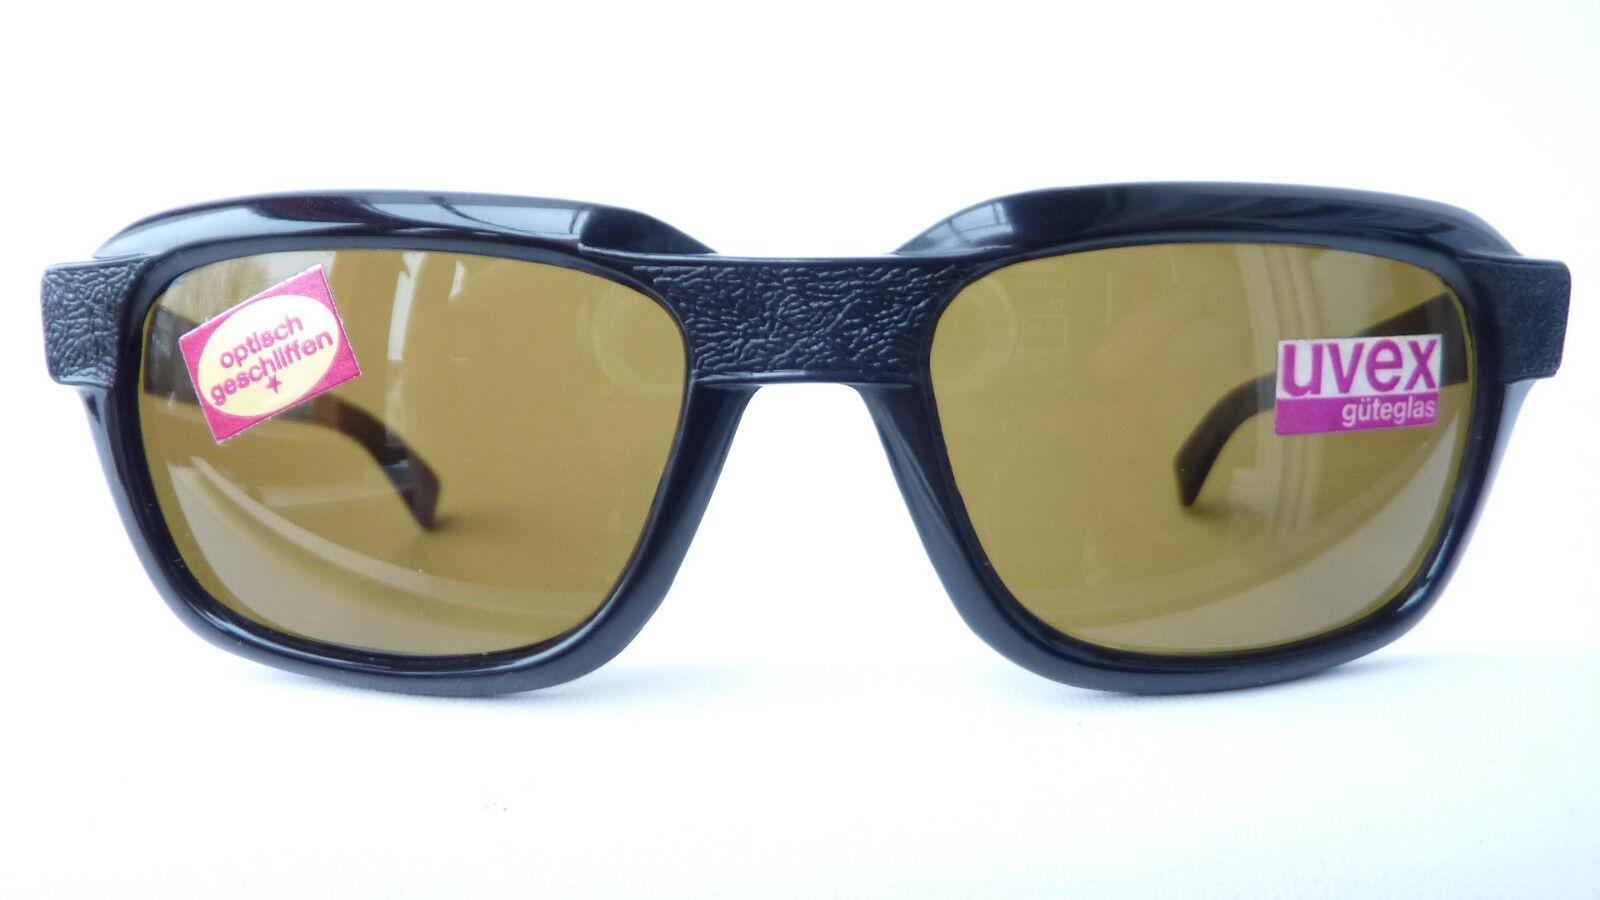 Uvex schwarze Sonnenbrille Vintage Echtglas optisch geschliffenHerren Grösse L